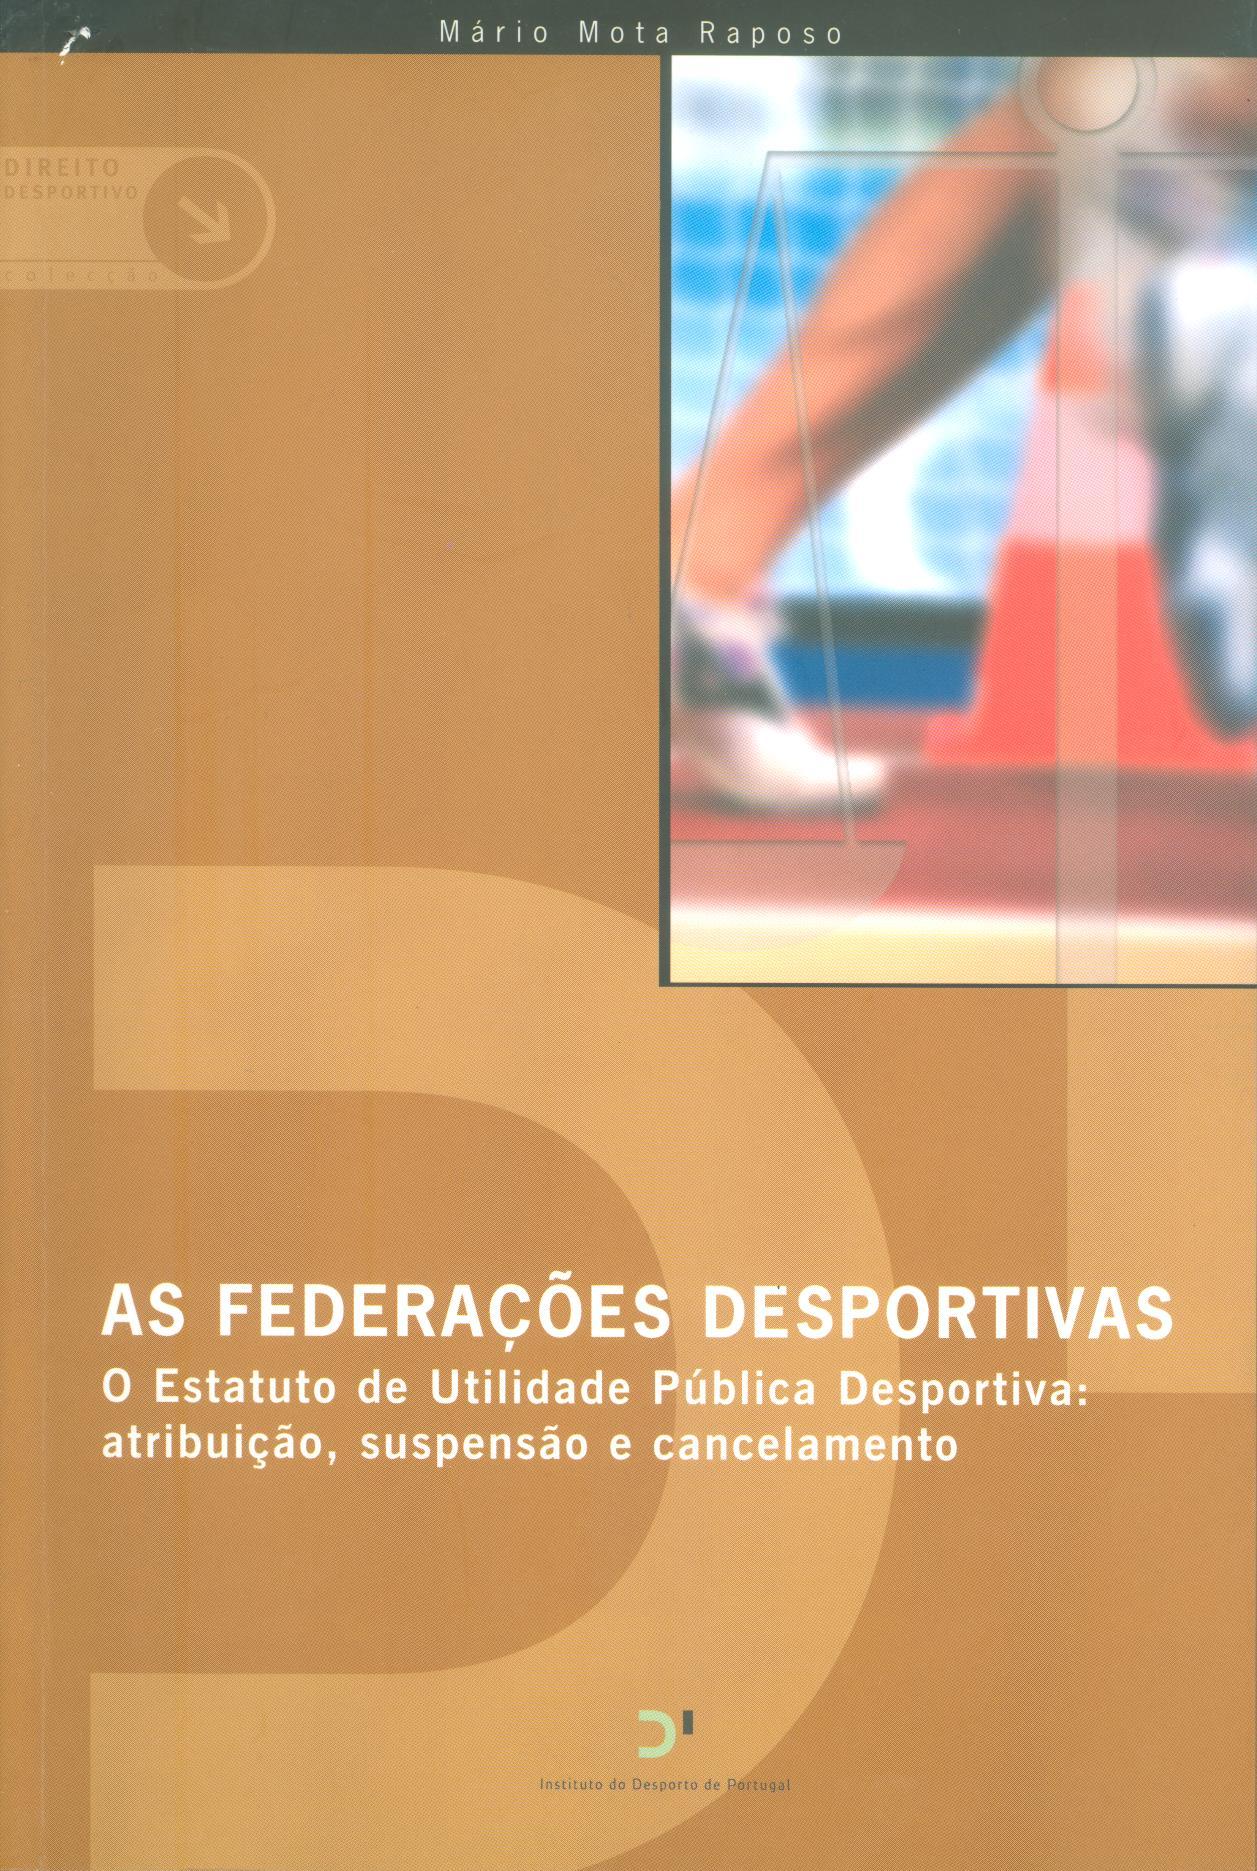 As Federações desportivas: o estatuto de utilidade pública desportiva: atribuição, suspensão e cancelamento